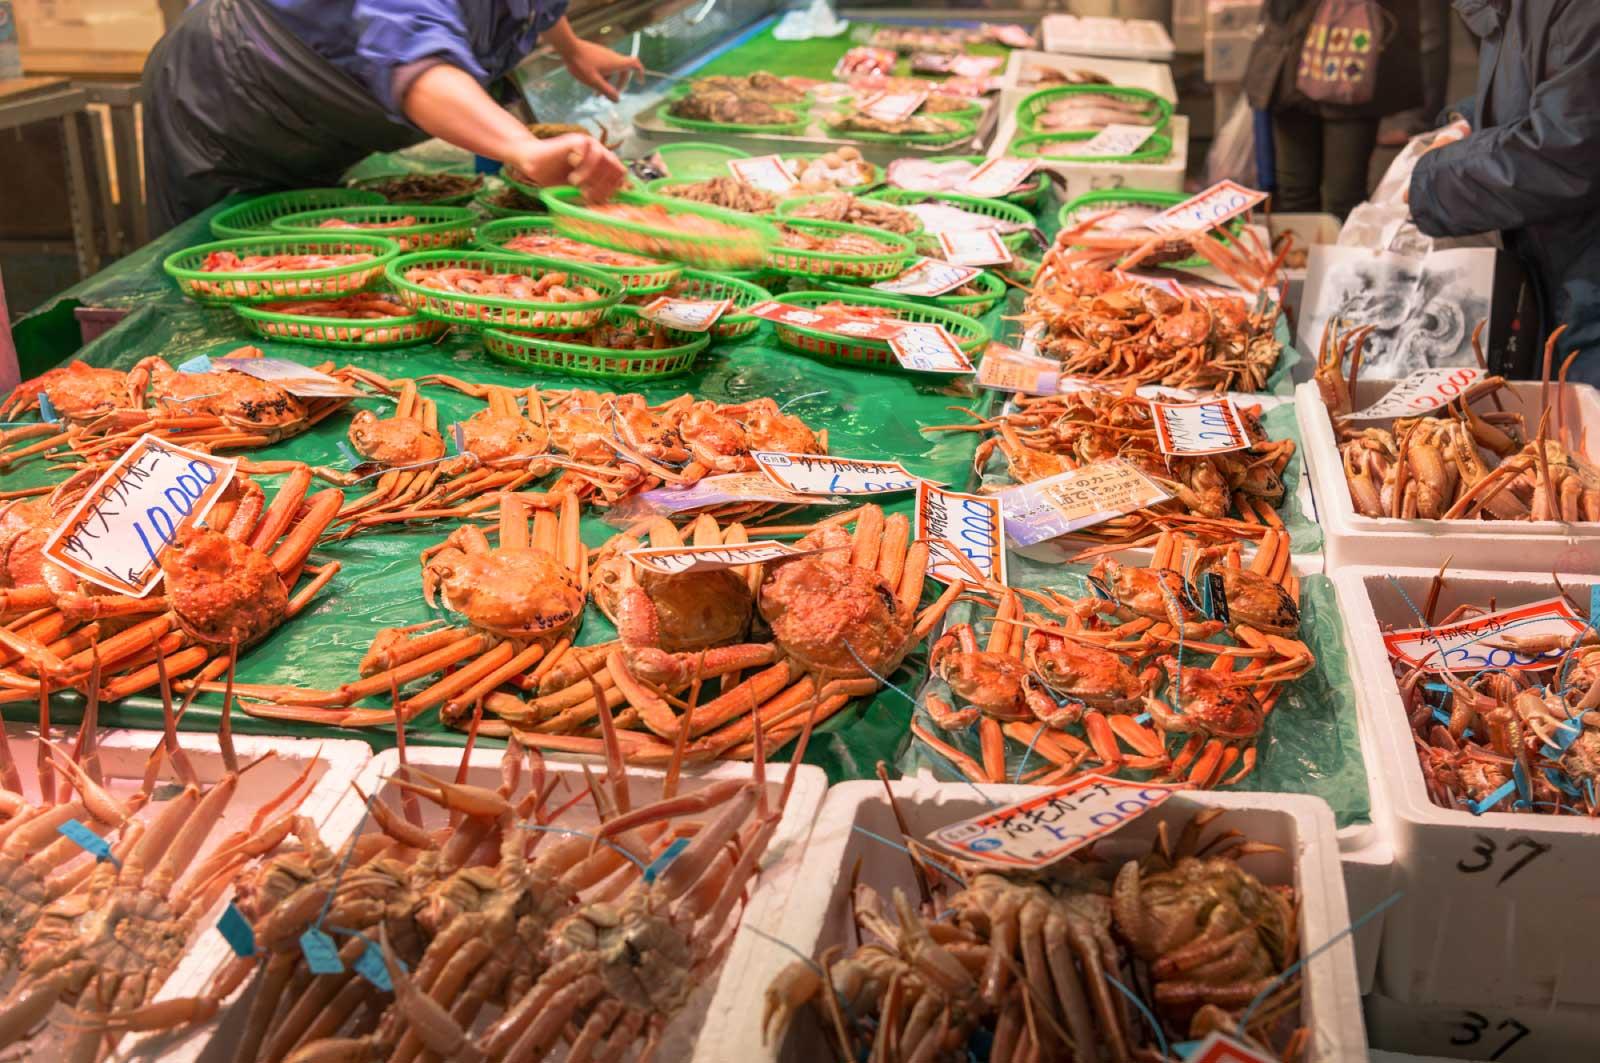 食材を調達しに必ず行く場所が金沢にあります